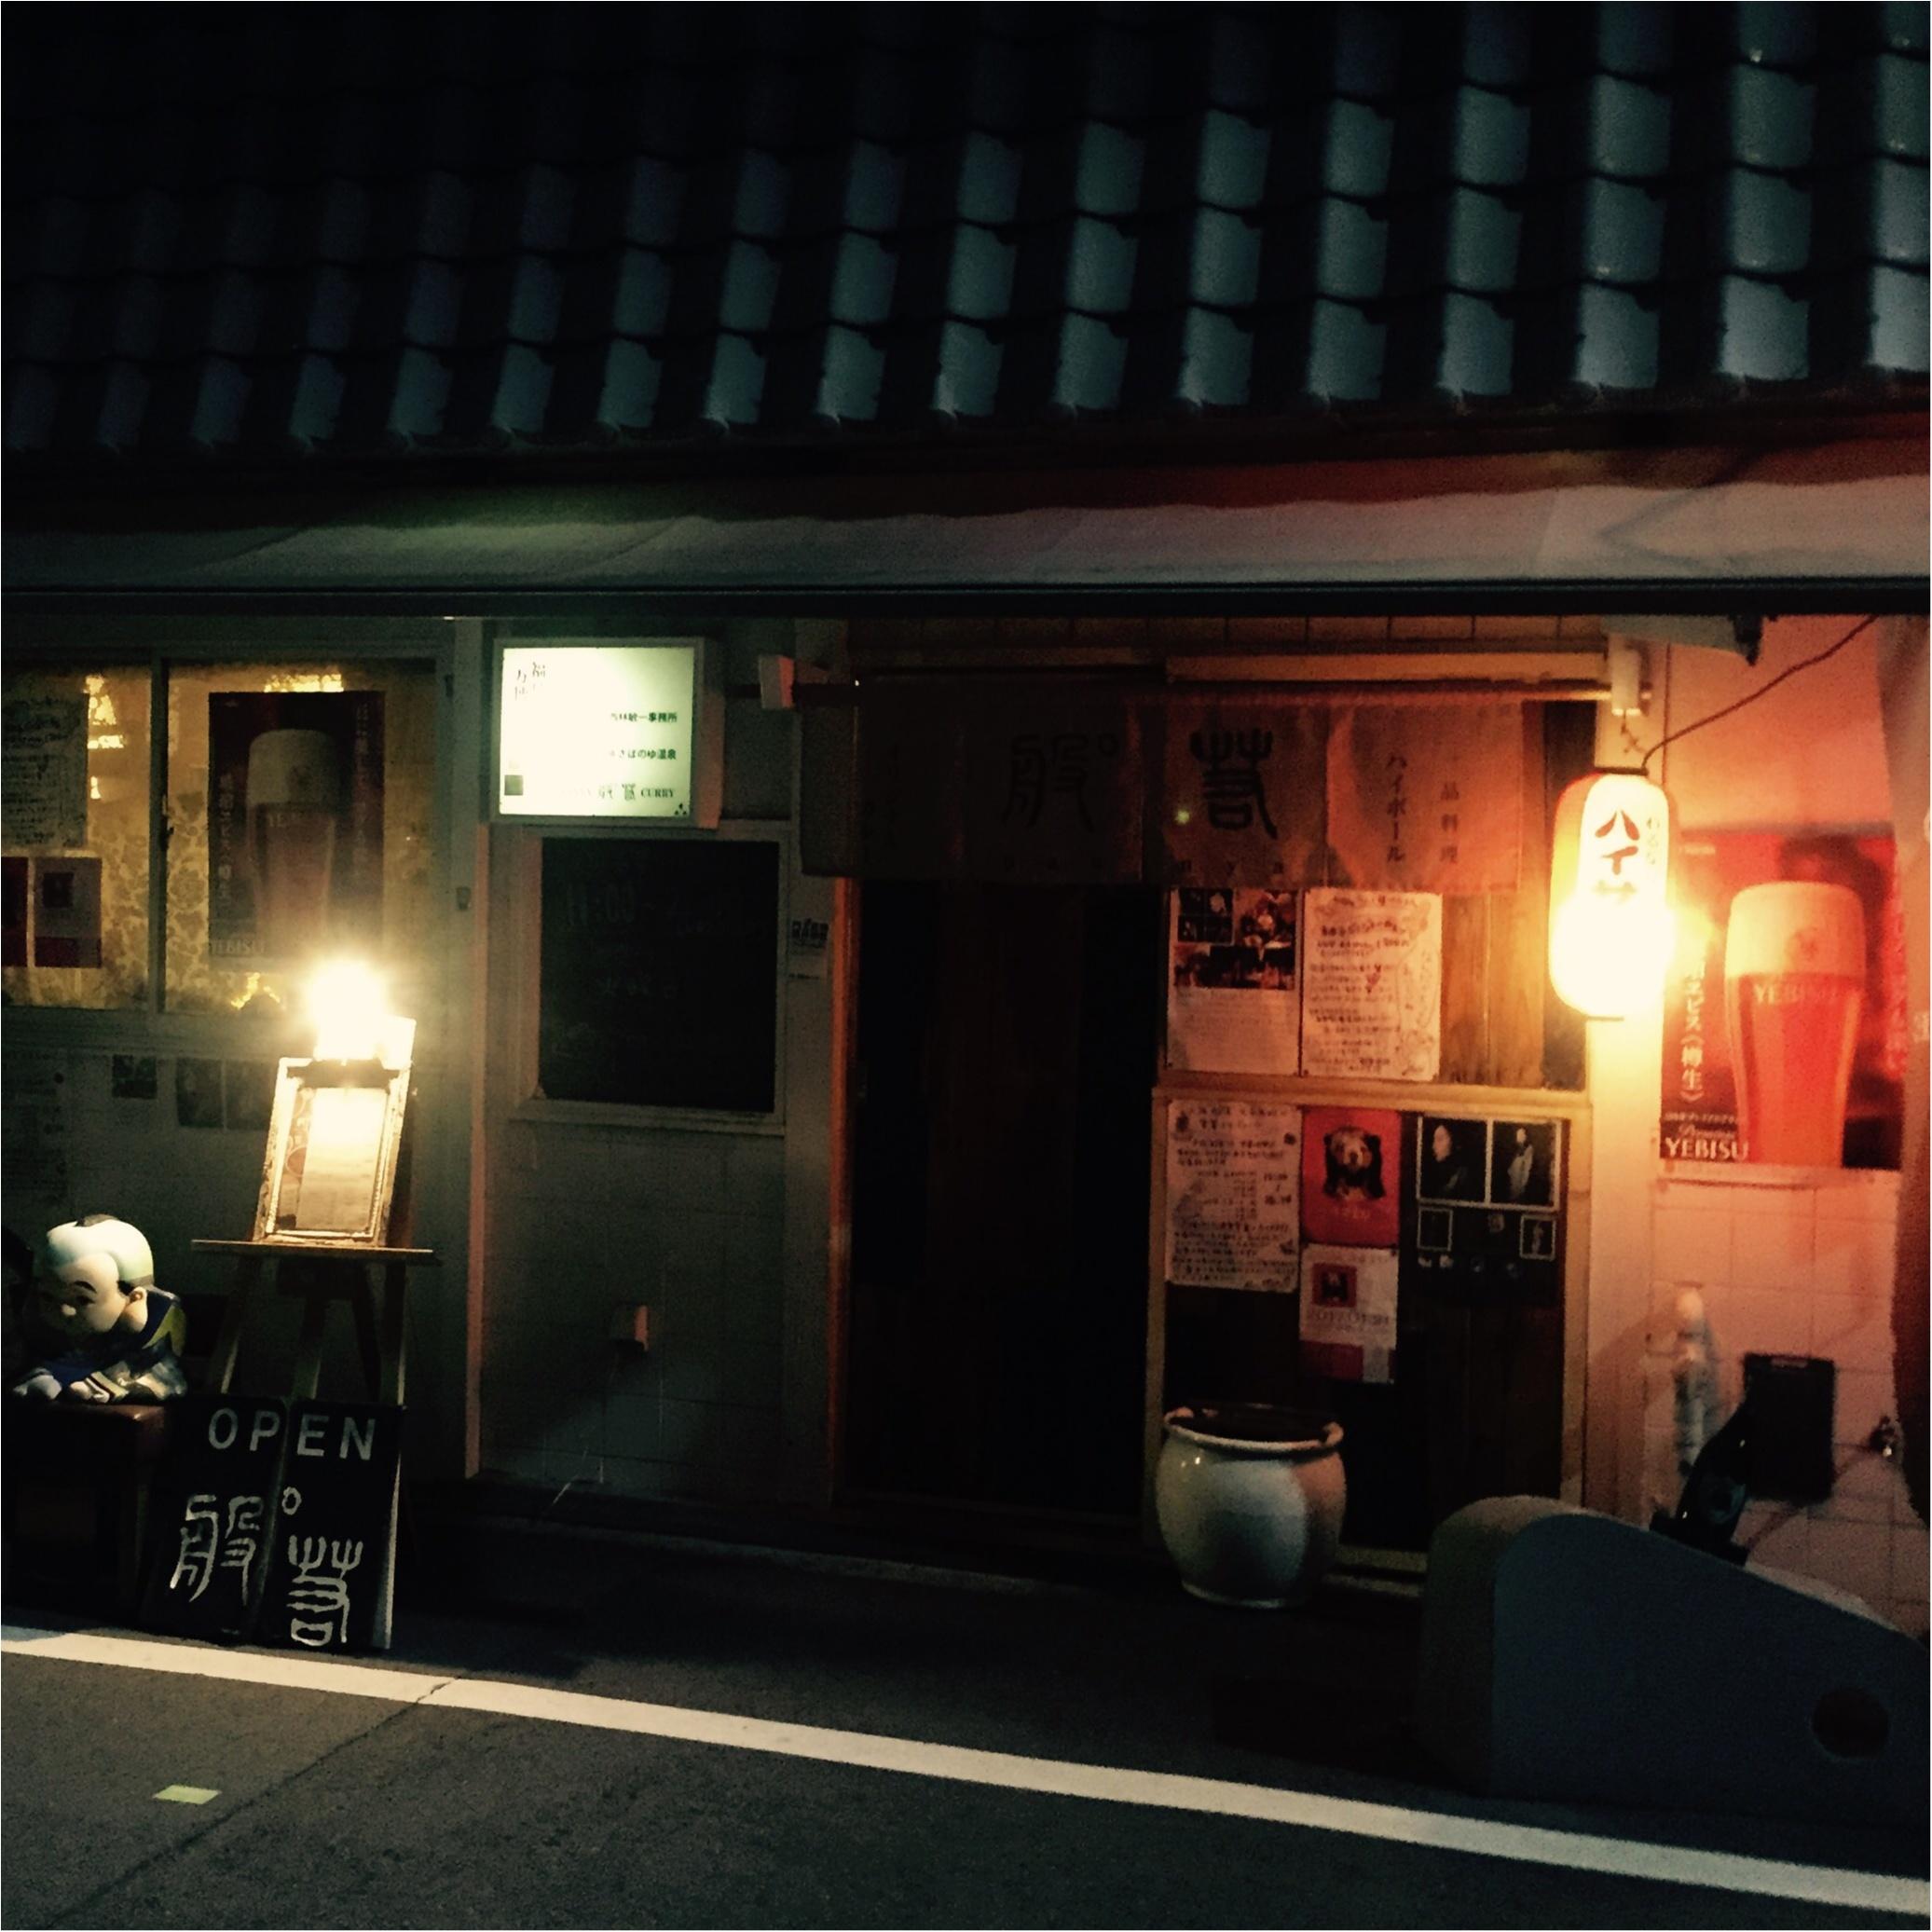 【福島区】隠れ家系のお店を発見!♡隠しきれていないこだわりのカレーに舌鼓♡_2